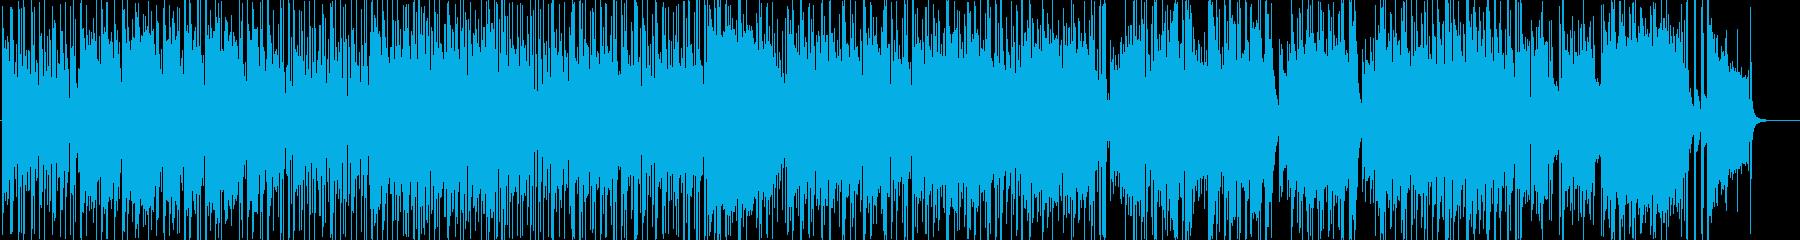 昭和に流行ったマンボの定番の再生済みの波形